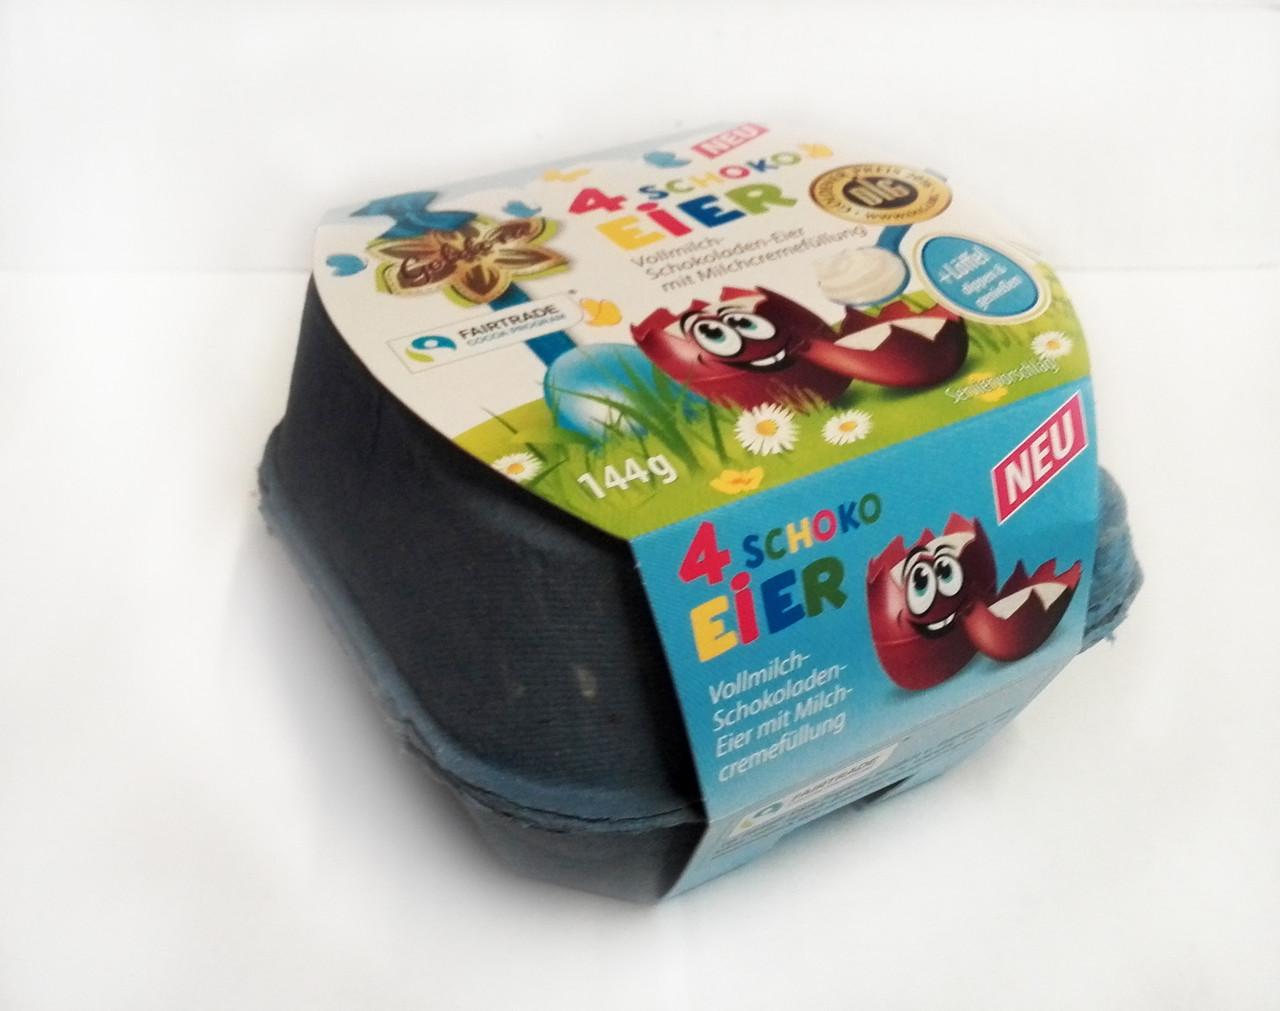 Шоколадные яички в лотке Goldora «4 Schoko Eier» c молочным кремом внутри, 144 г., фото 1